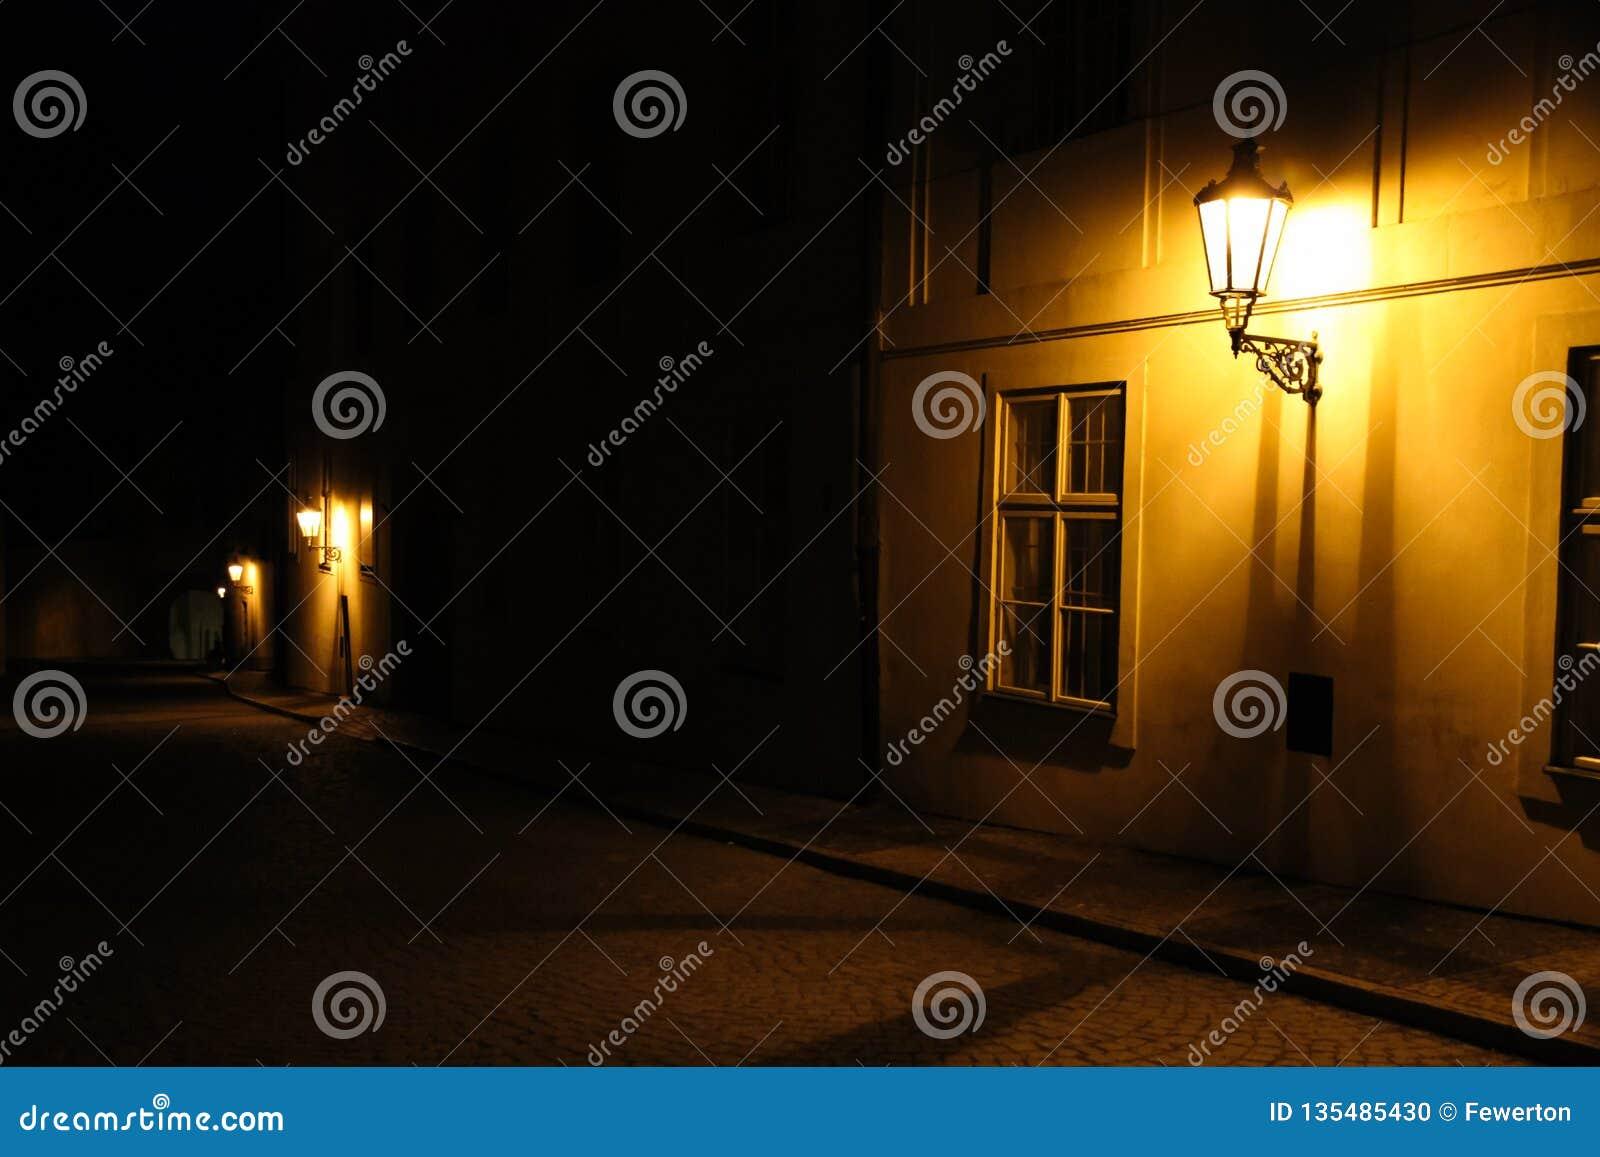 Oude lantaarns die een donkere steeg middeleeuwse straat verlichten bij nacht in Praag, Tsjechische Republiek Rustige foto met br